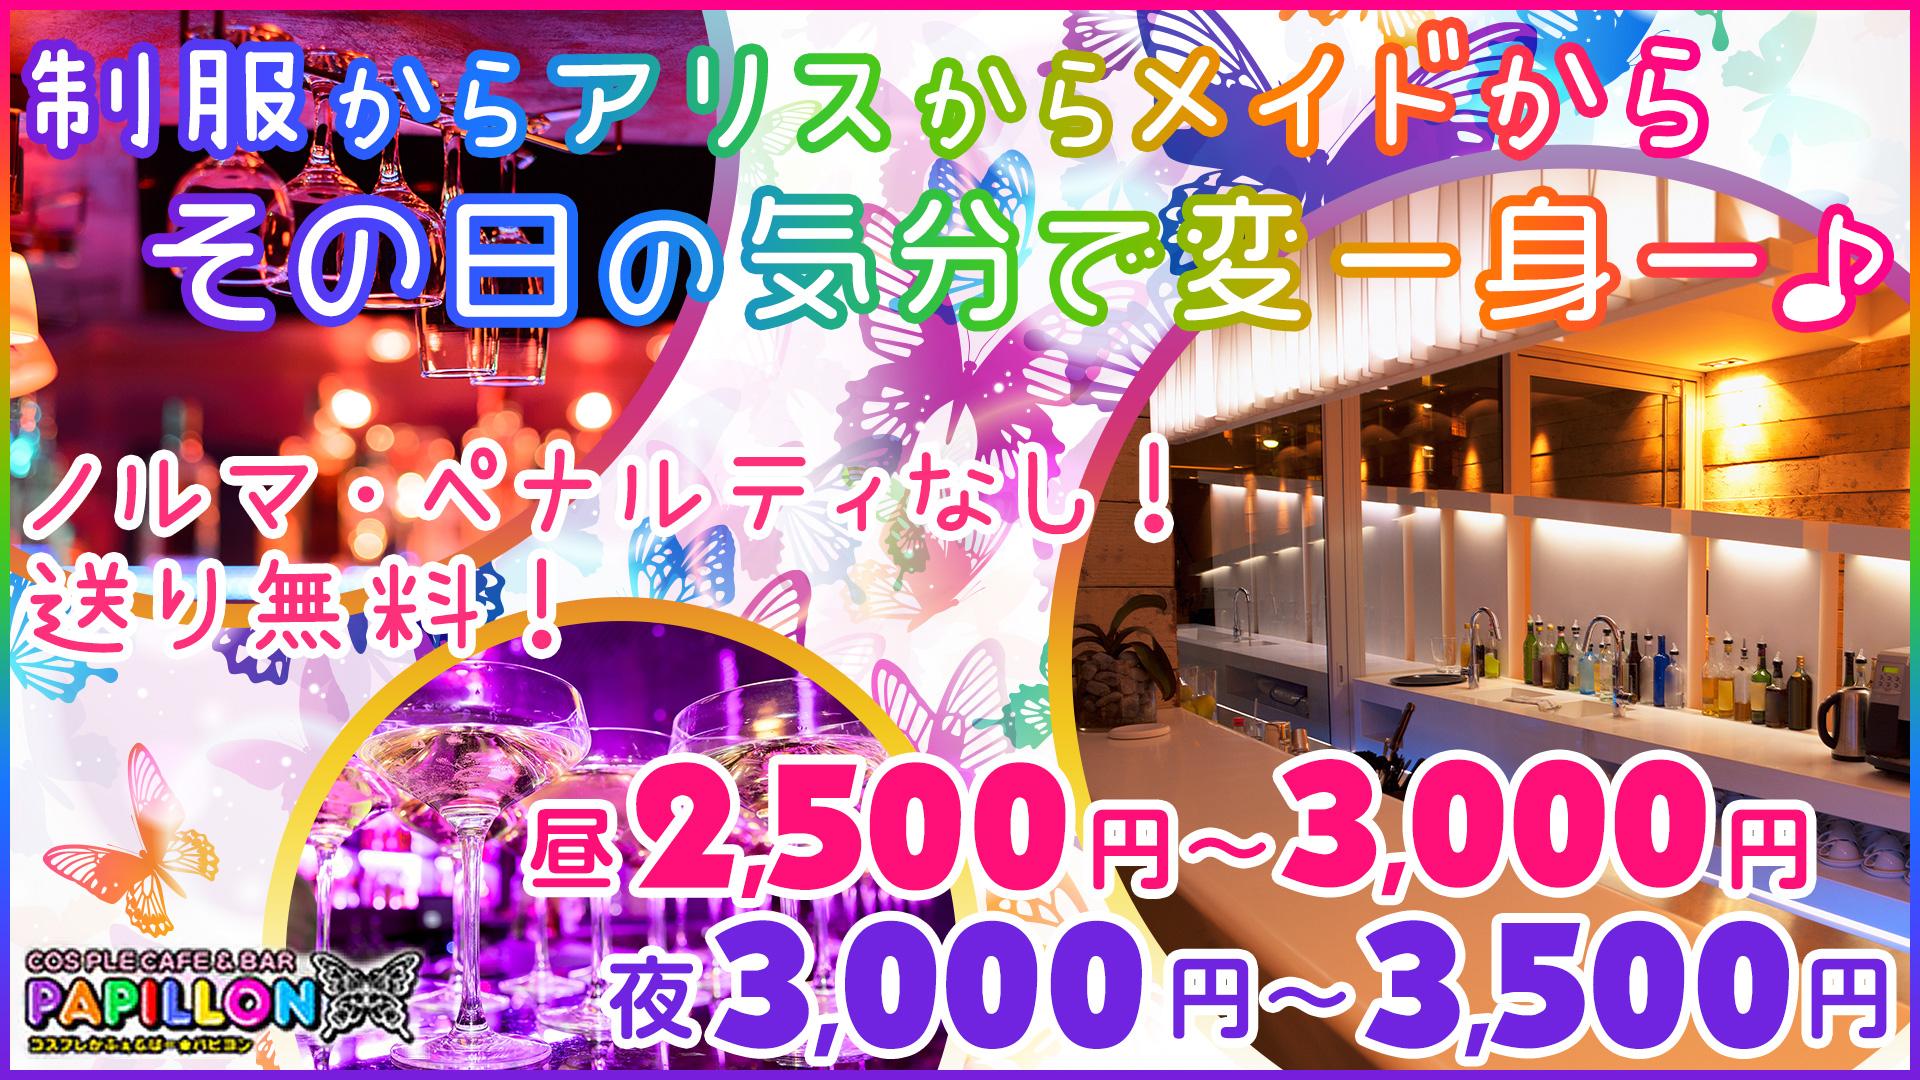 パピヨン 錦糸町 ガールズバー TOP画像